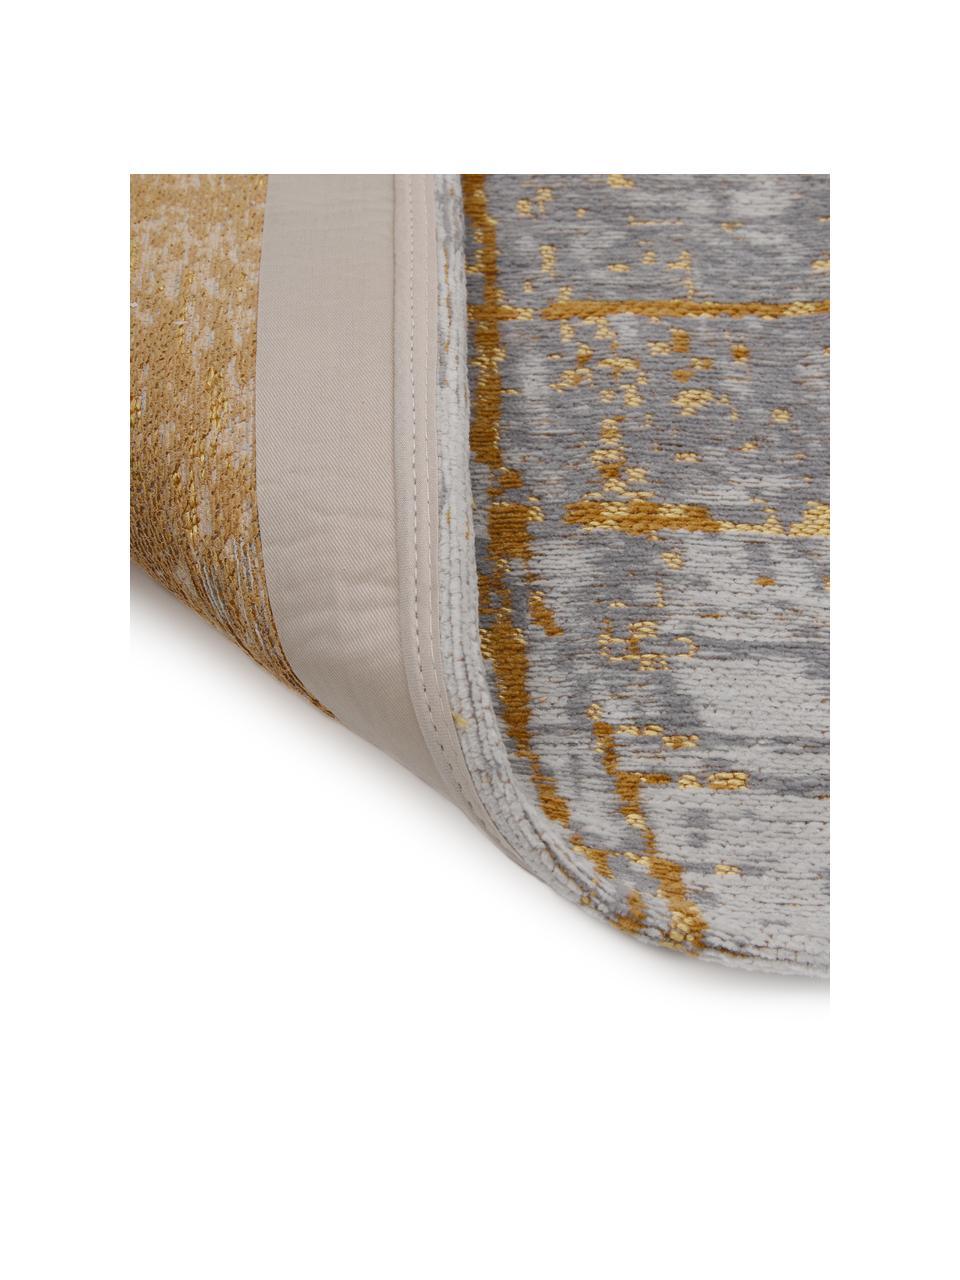 Design vloerkleed Griff in vintage stijl, Bovenzijde: 85%katoen, 15%hoogglanz, Weeftechniek: jacquard, Onderzijde: katoenmix, latex coating, Grijs, goudkleurig, wit, B 170 x L 240 cm (maat M)